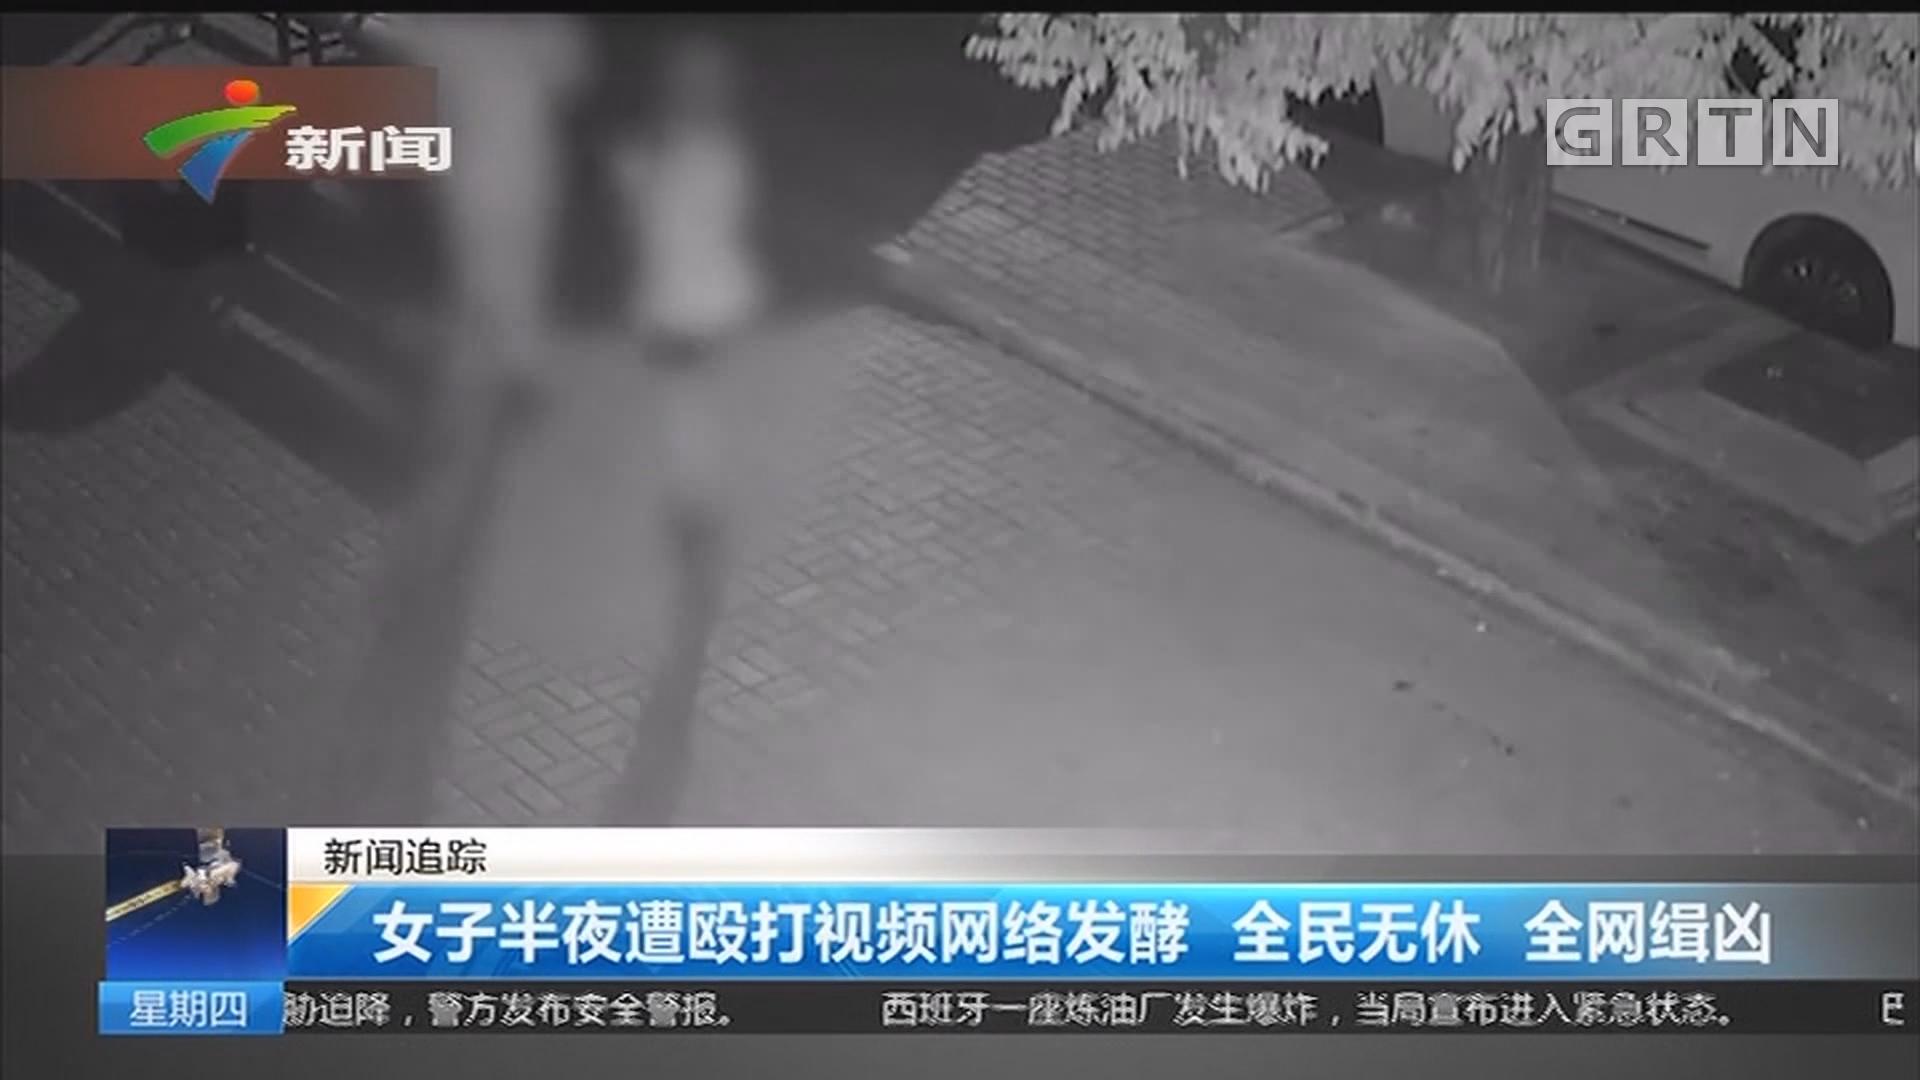 女子半夜遭殴打视频网络发酵 全民无休 全网缉凶